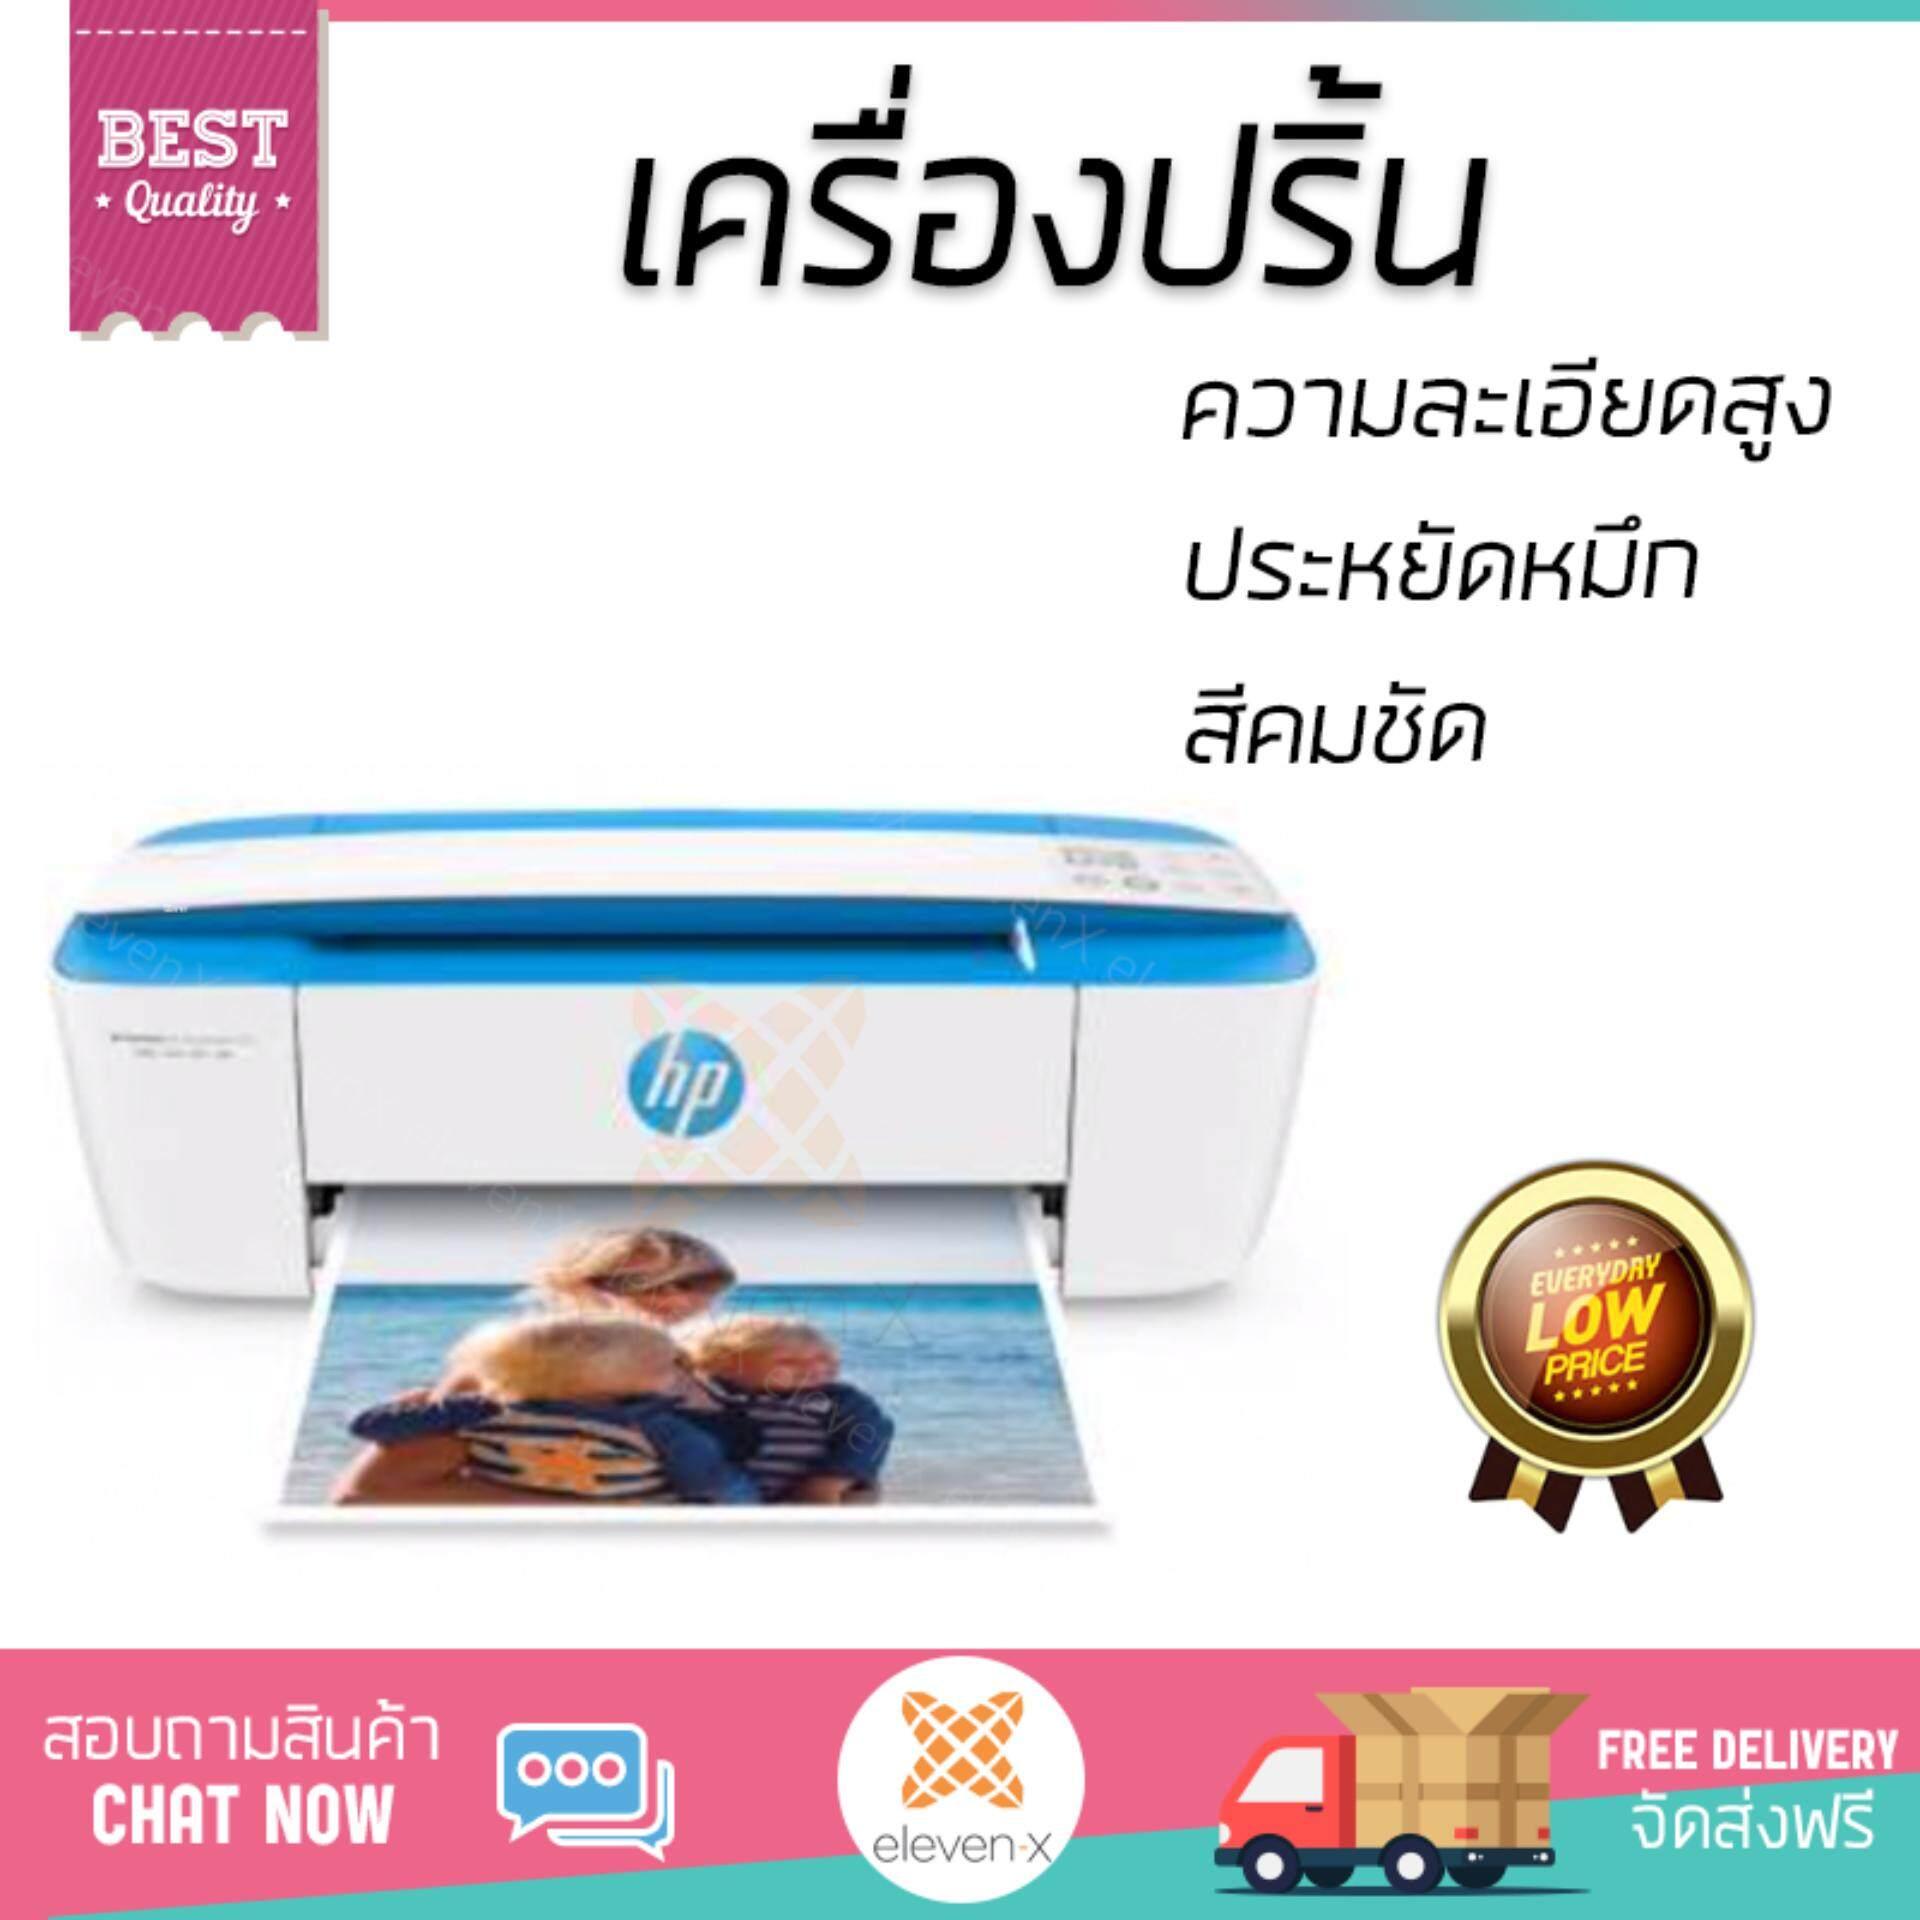 โปรโมชัน เครื่องพิมพ์           HP ปริ้นเตอร์ รุ่น DeskJet Ink Advantage 3775 All-in-One             ความละเอียดสูง คมชัด ประหยัดหมึก เครื่องปริ้น เครื่องปริ้นท์ All in one Printer รับประกันสินค้า 1